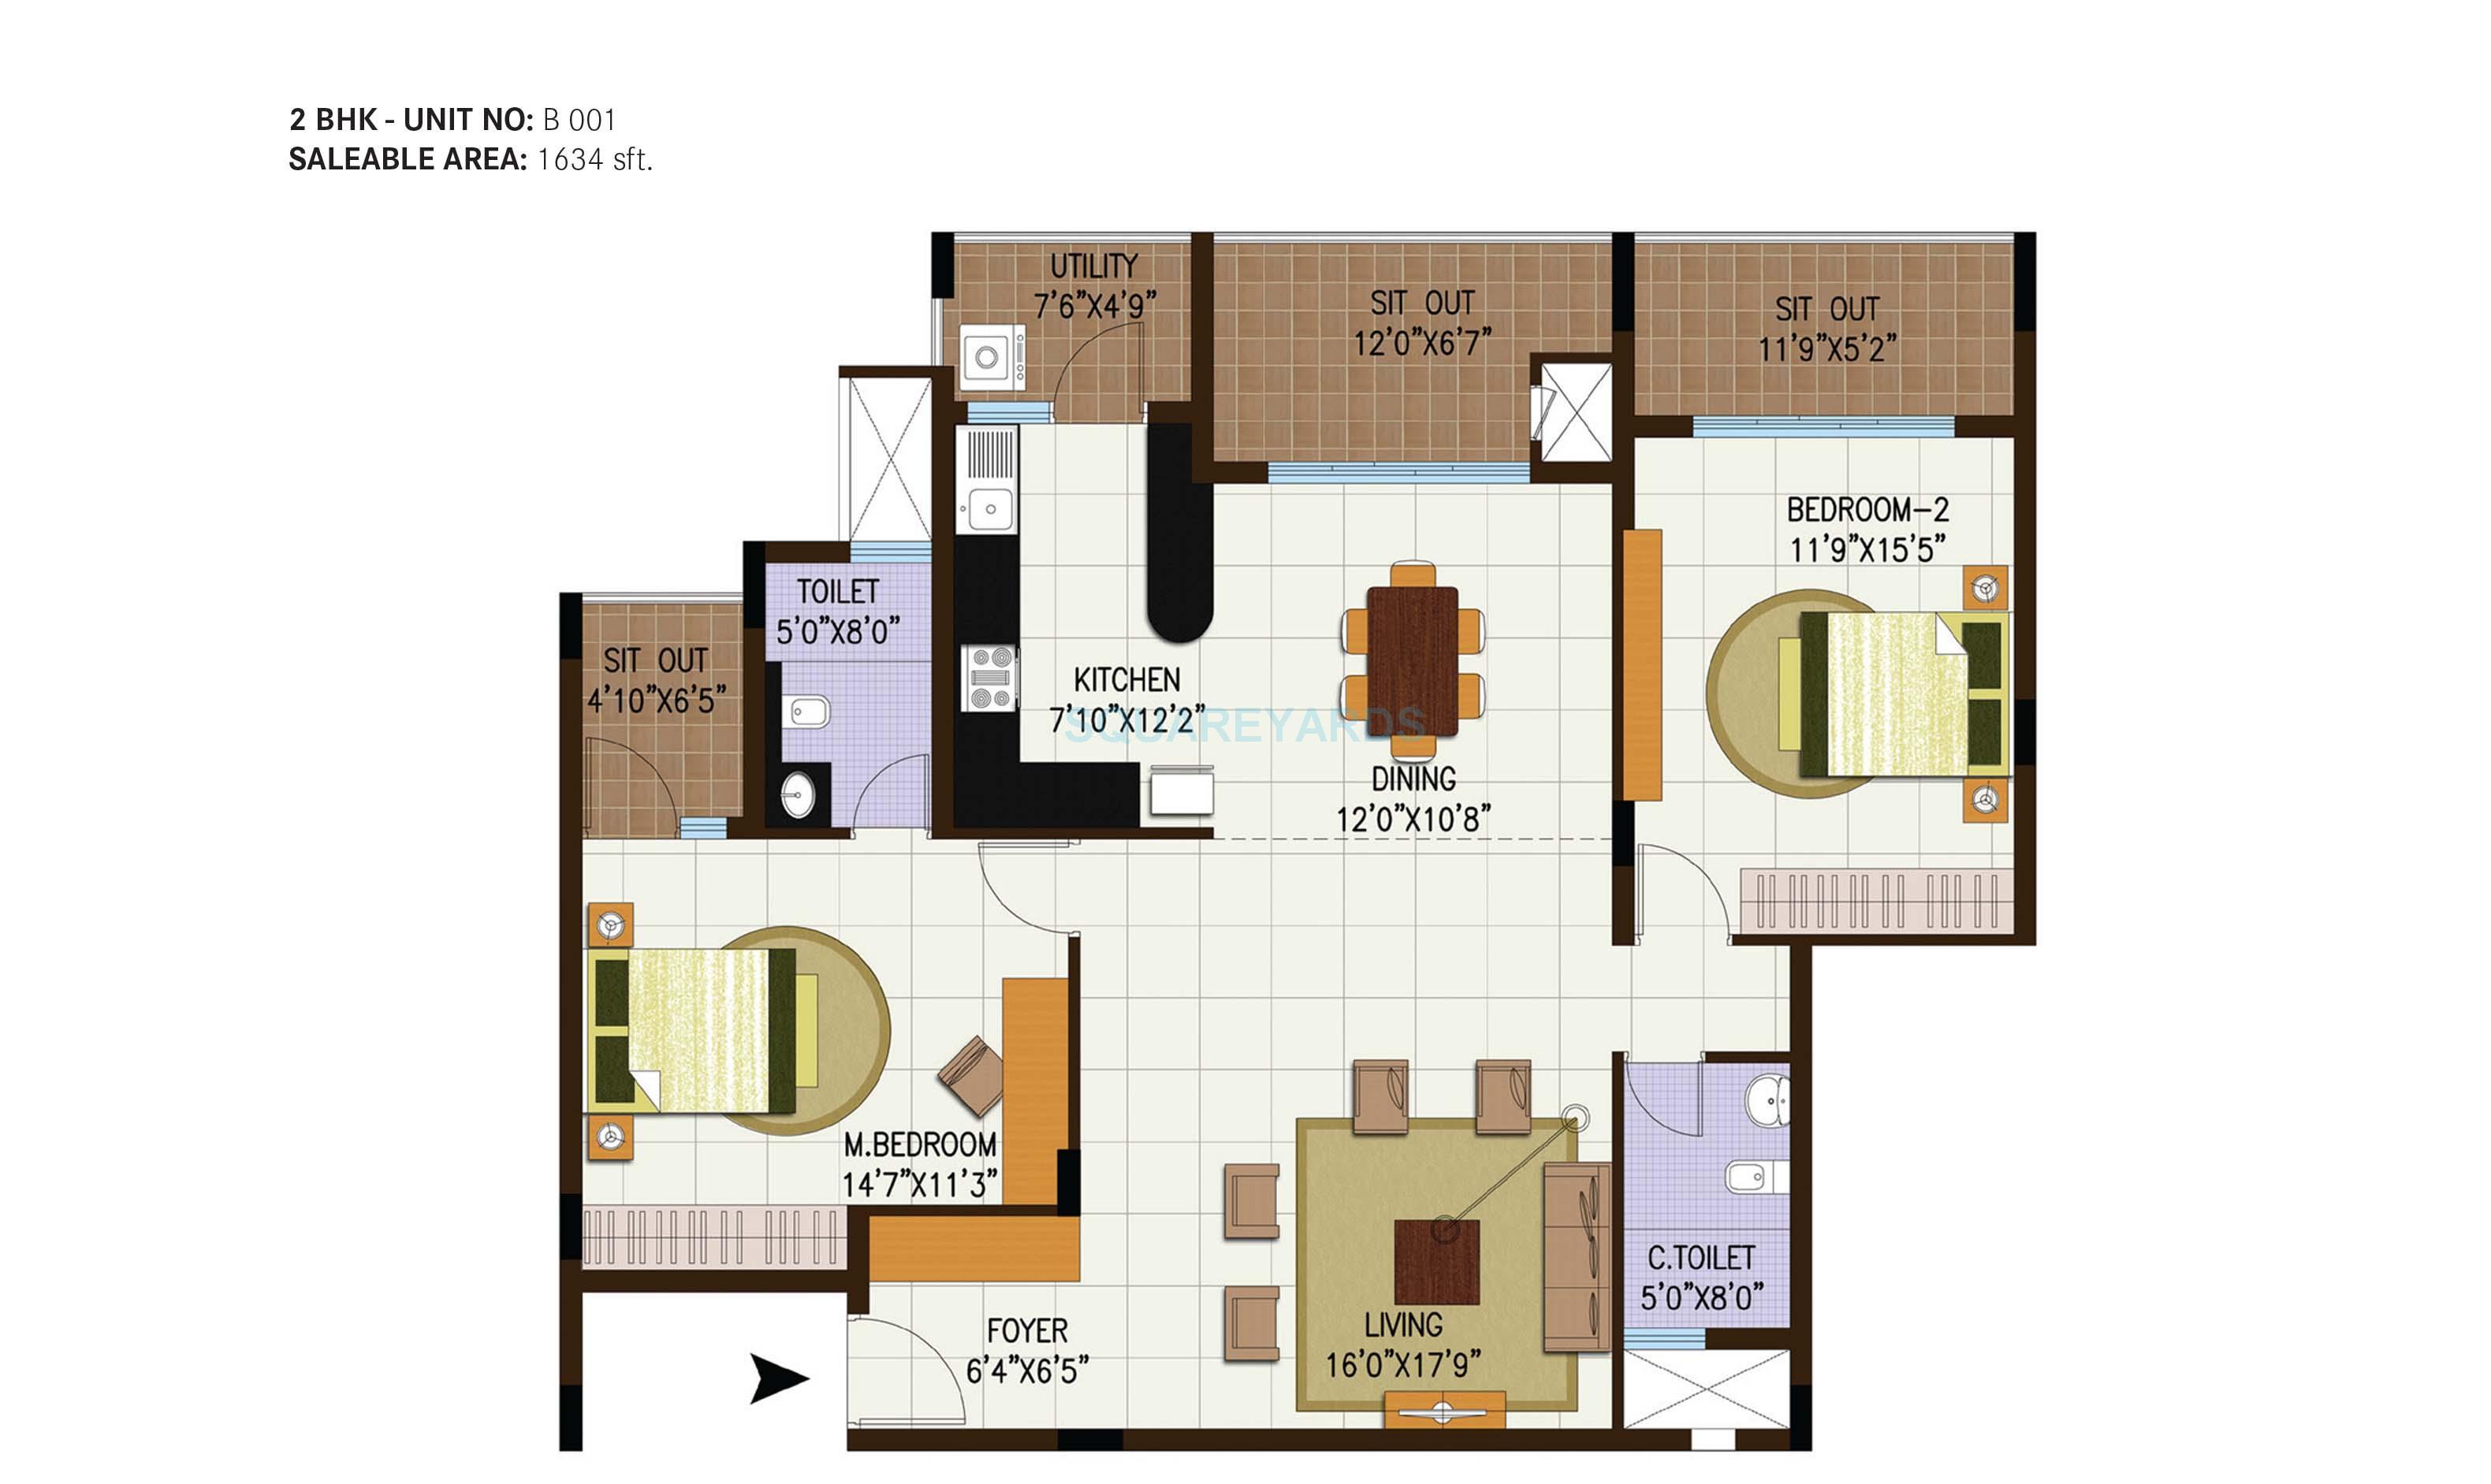 century central apartment 2bhk 1634sqft1